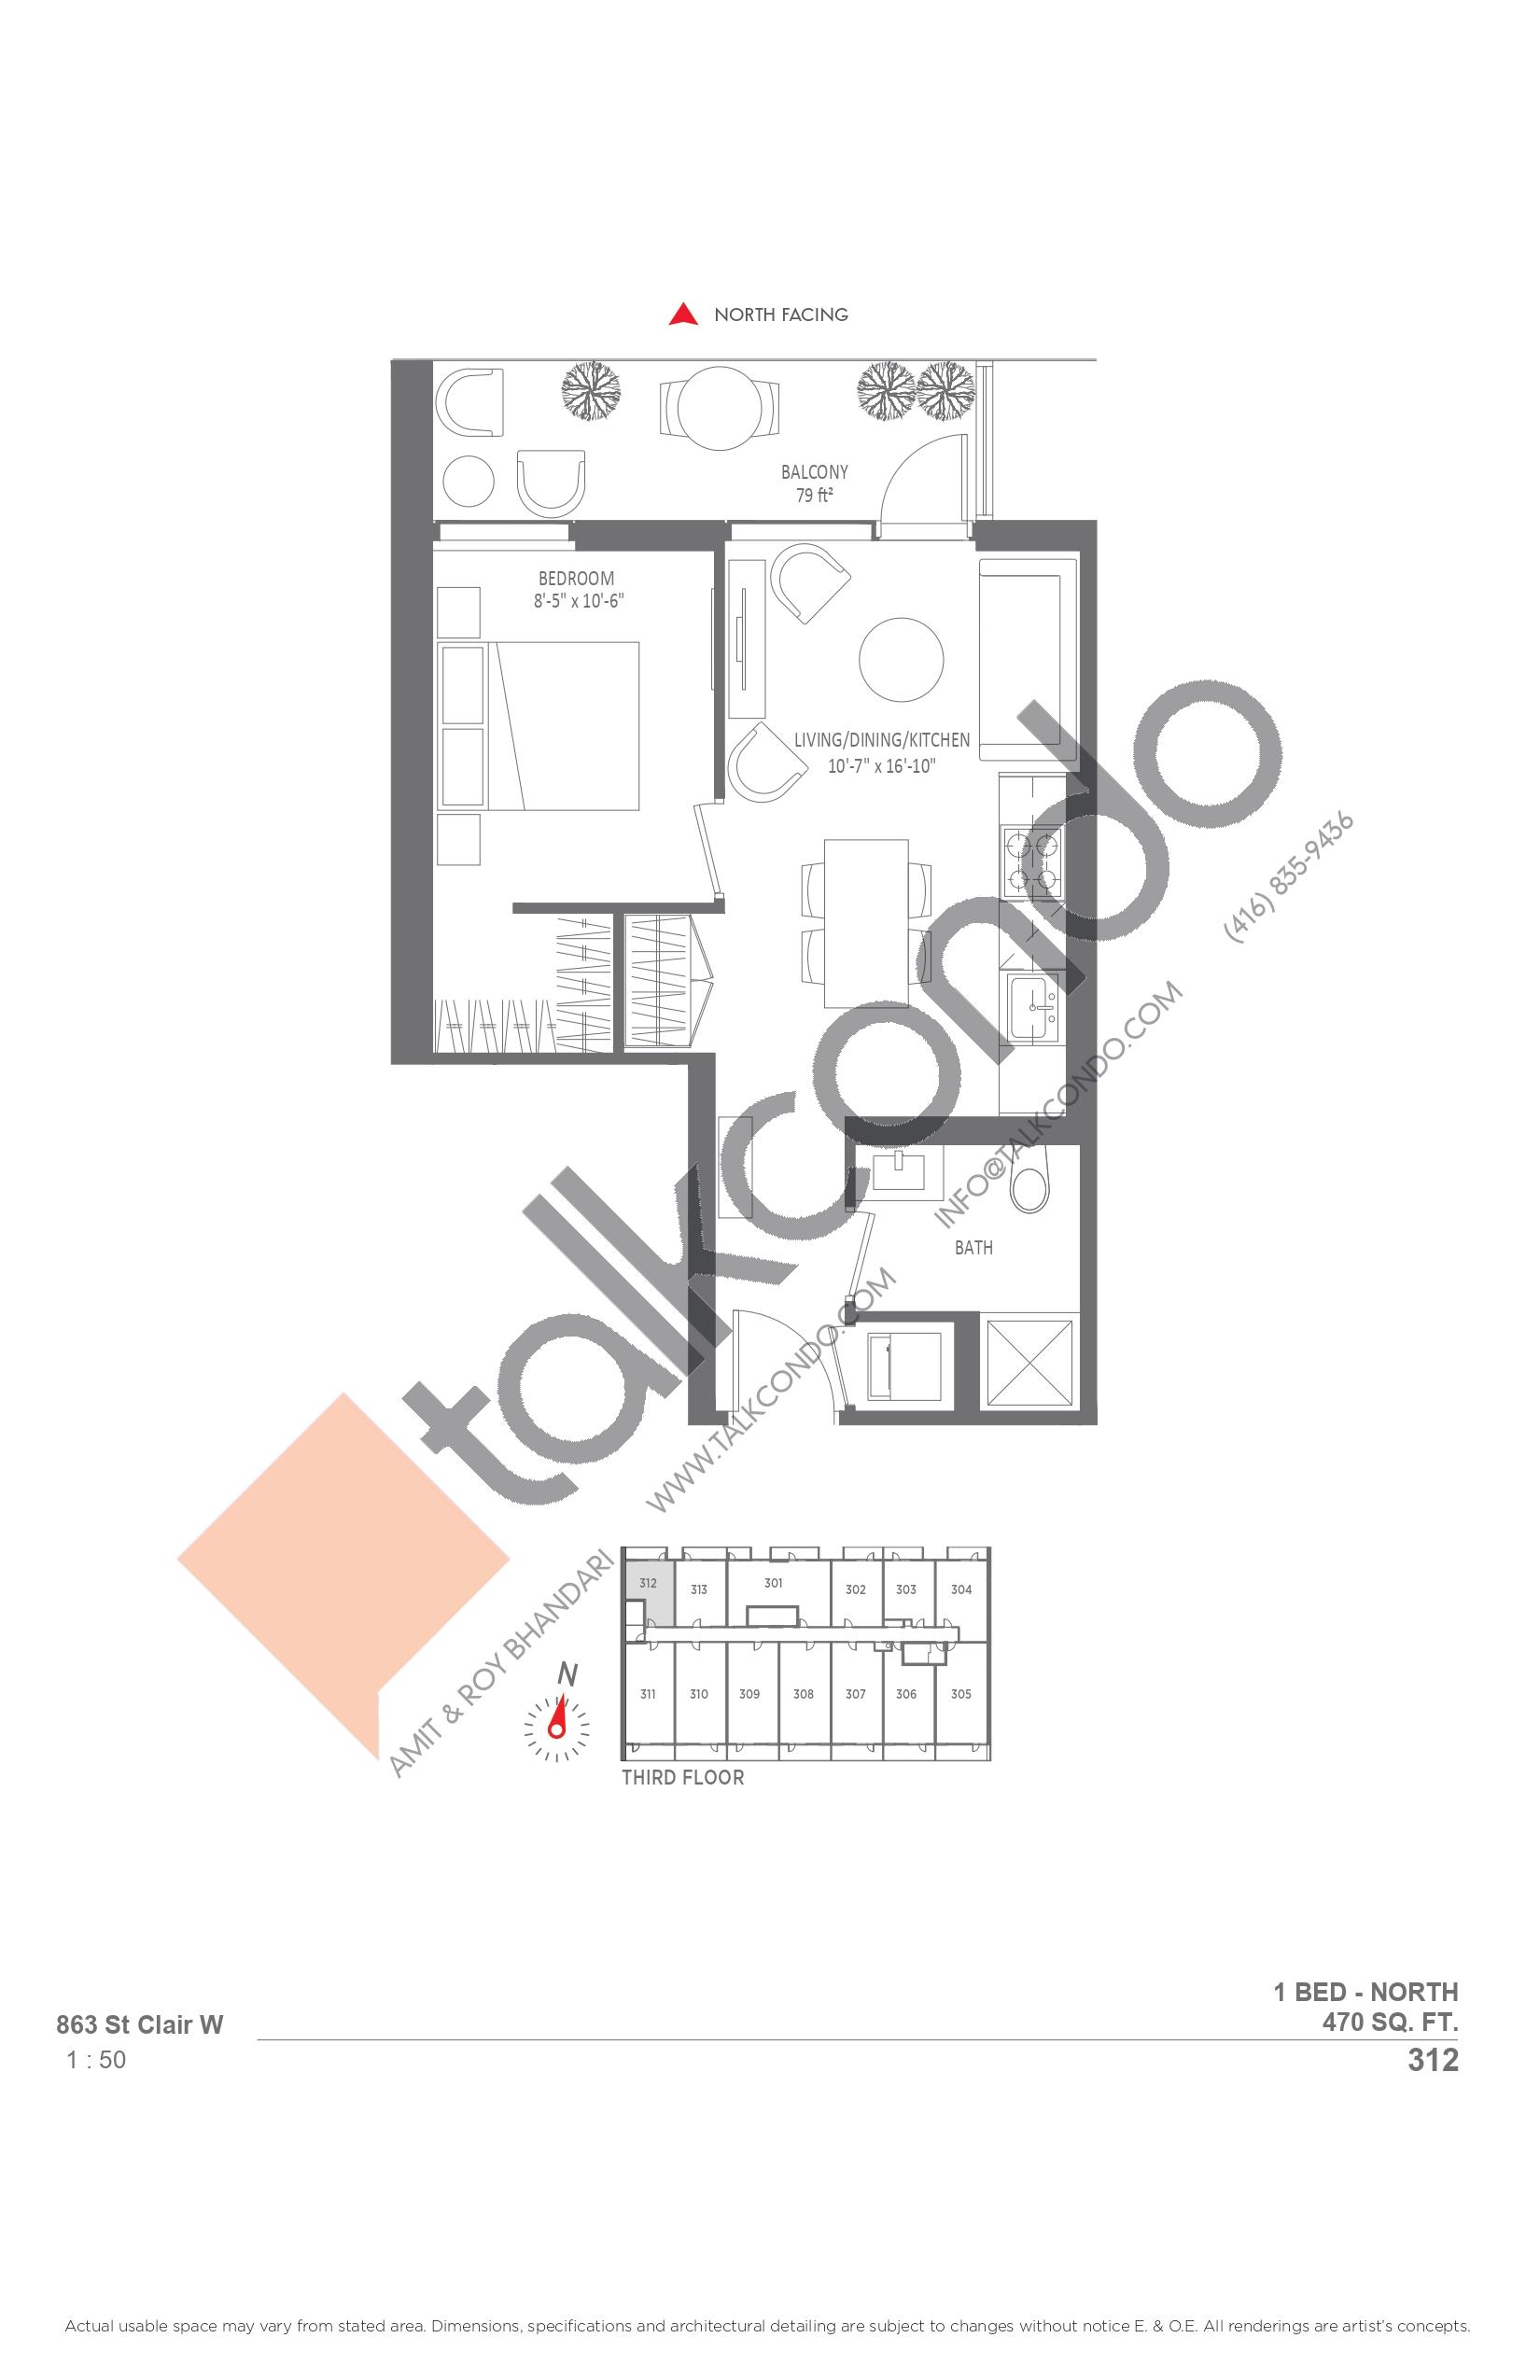 312 Floor Plan at Monza Condos - 470 sq.ft